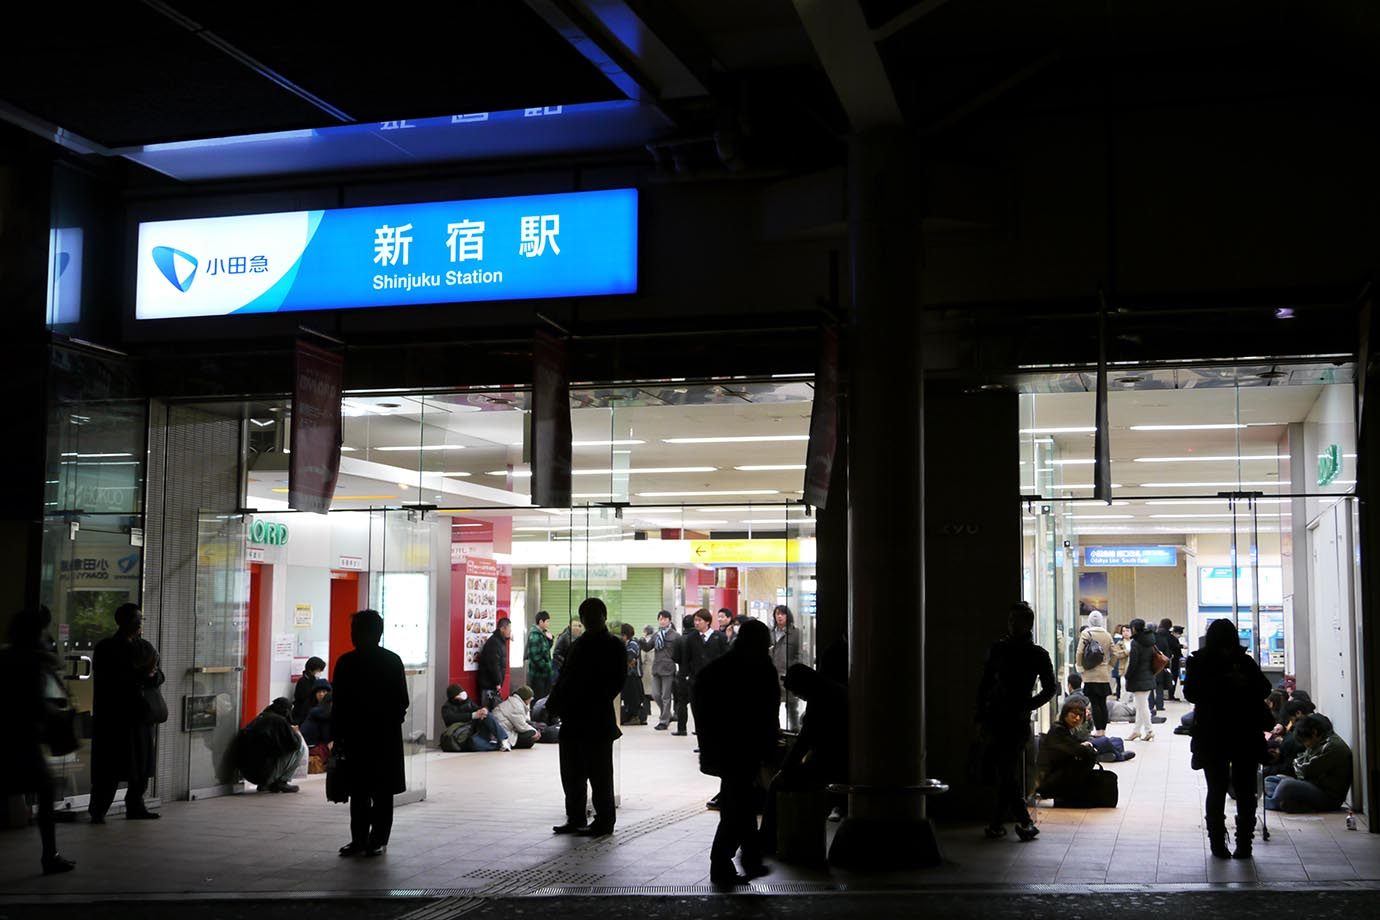 aftermath-tohoku-earthquake-station9